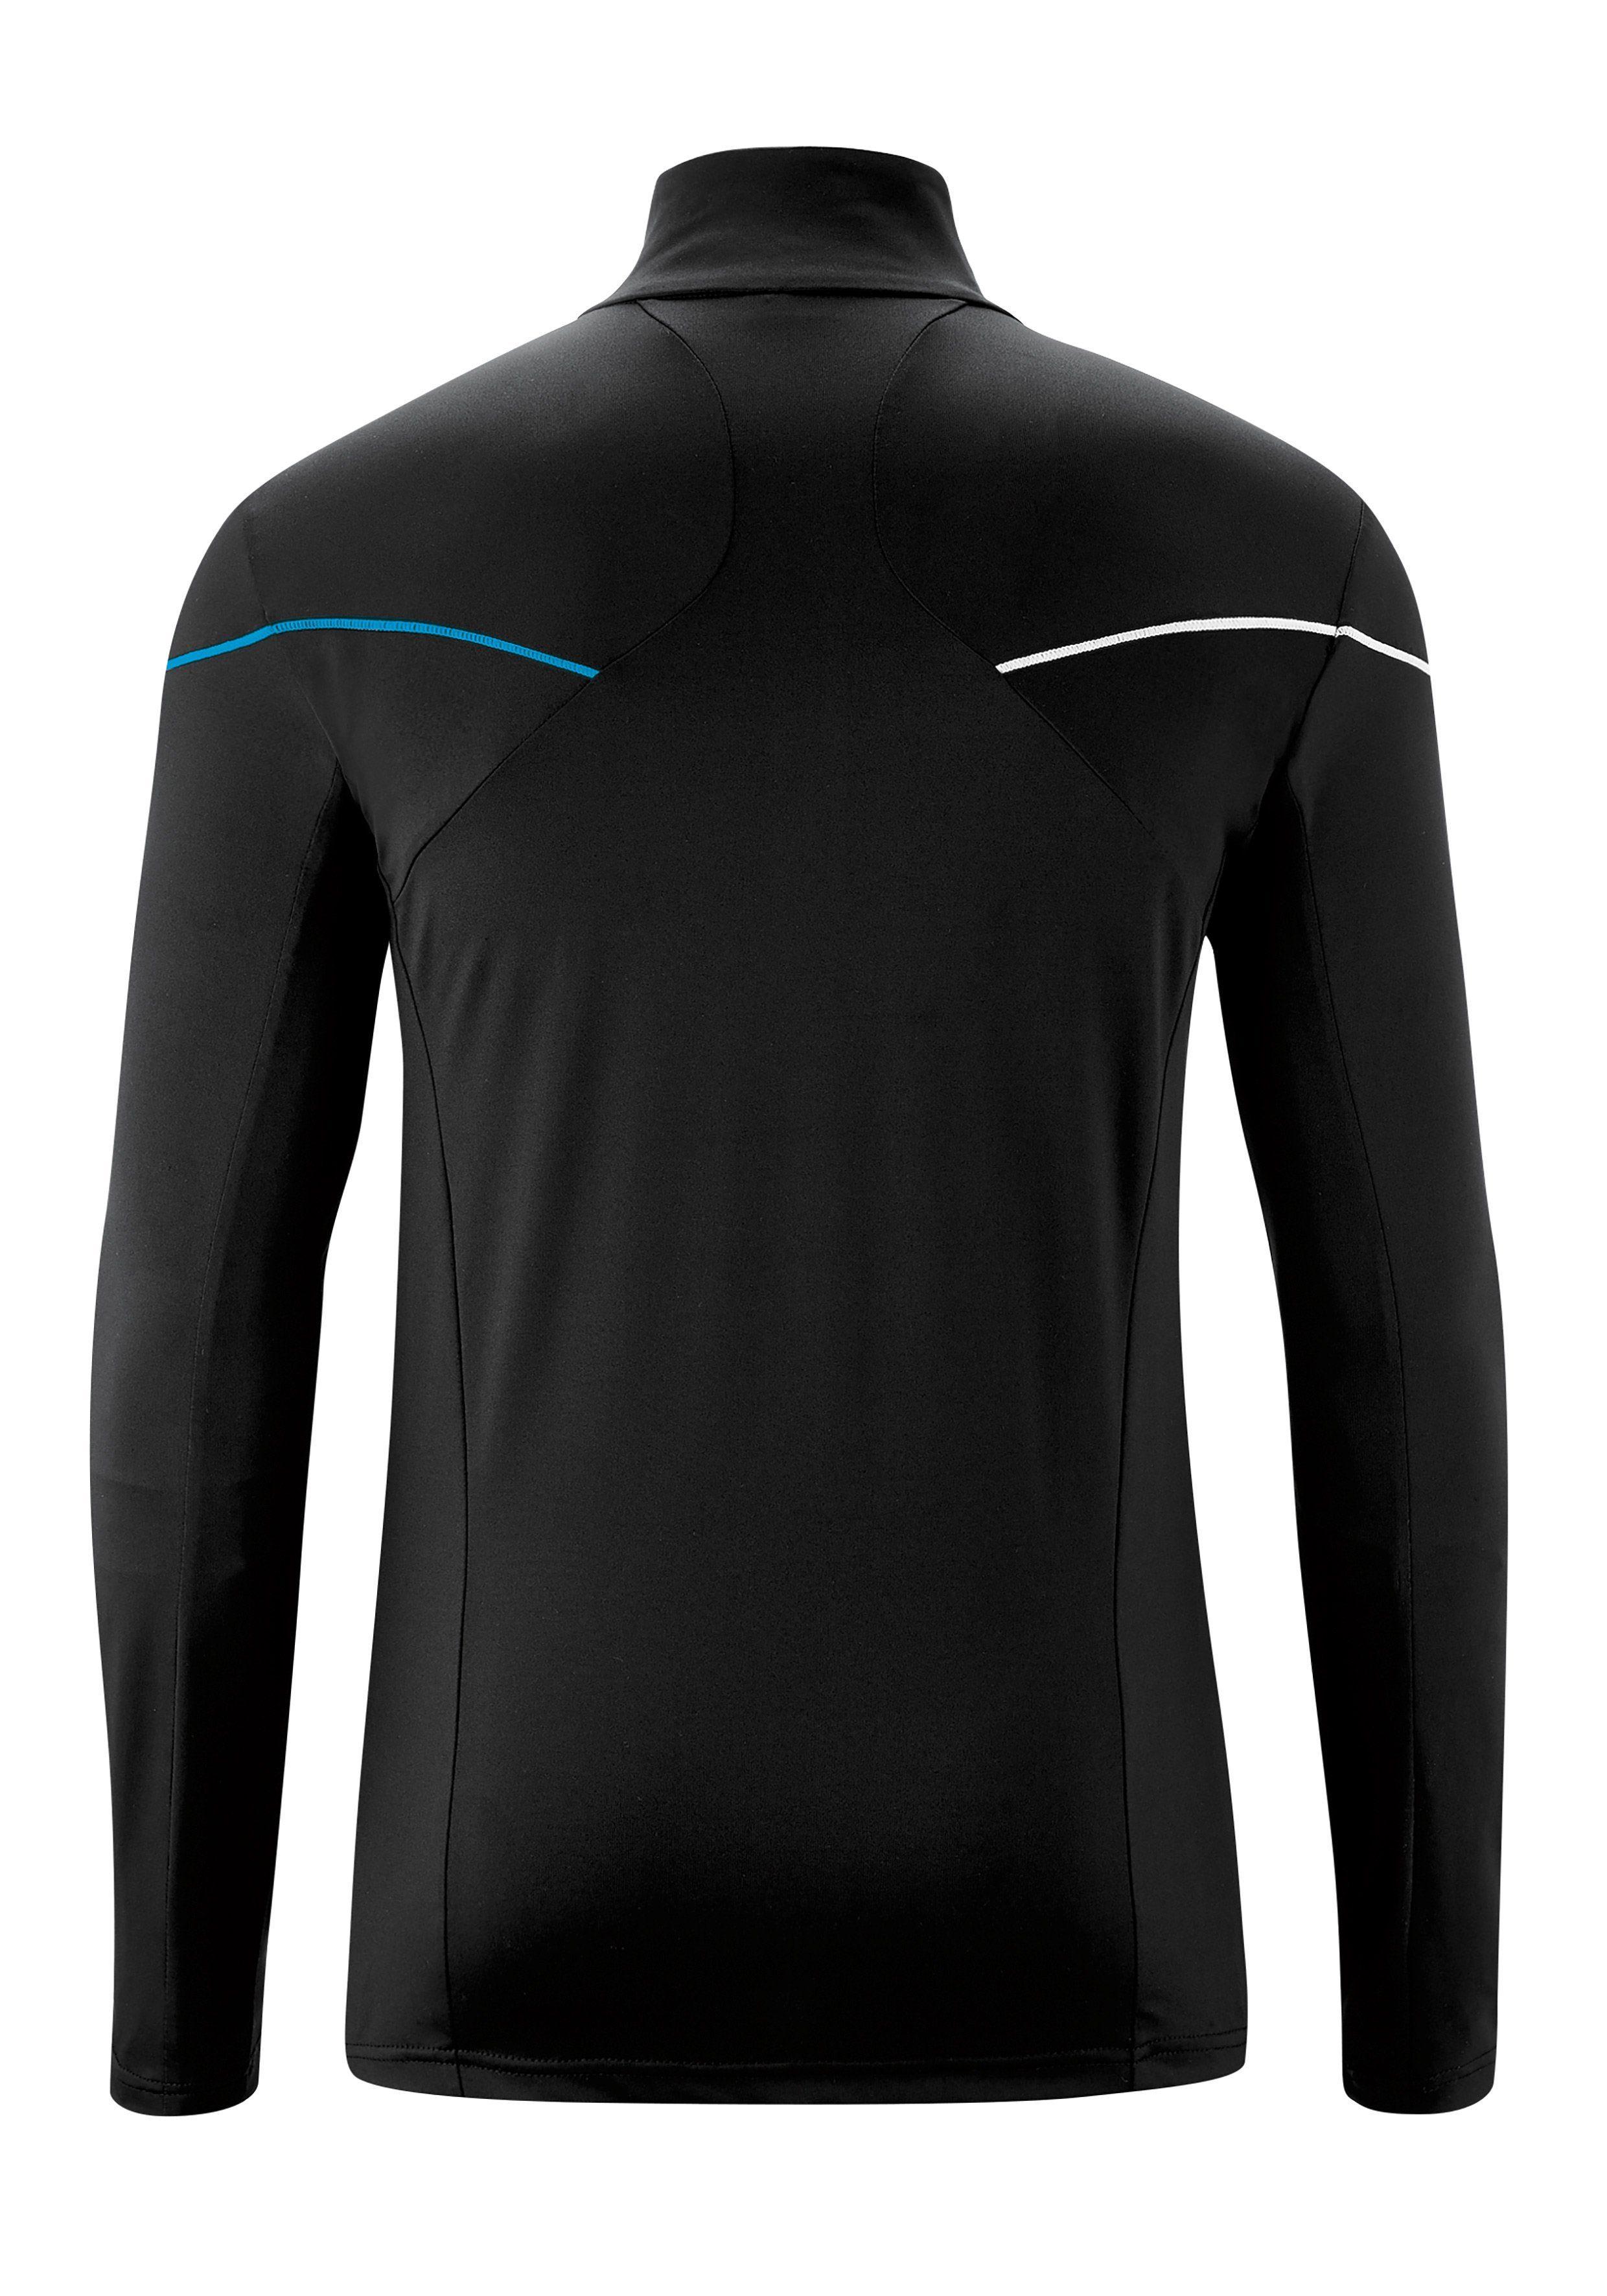 Maier Sports Shirt Met Lange Mouwen Nago 2.0 Makkelijk Gevonden - Geweldige Prijs